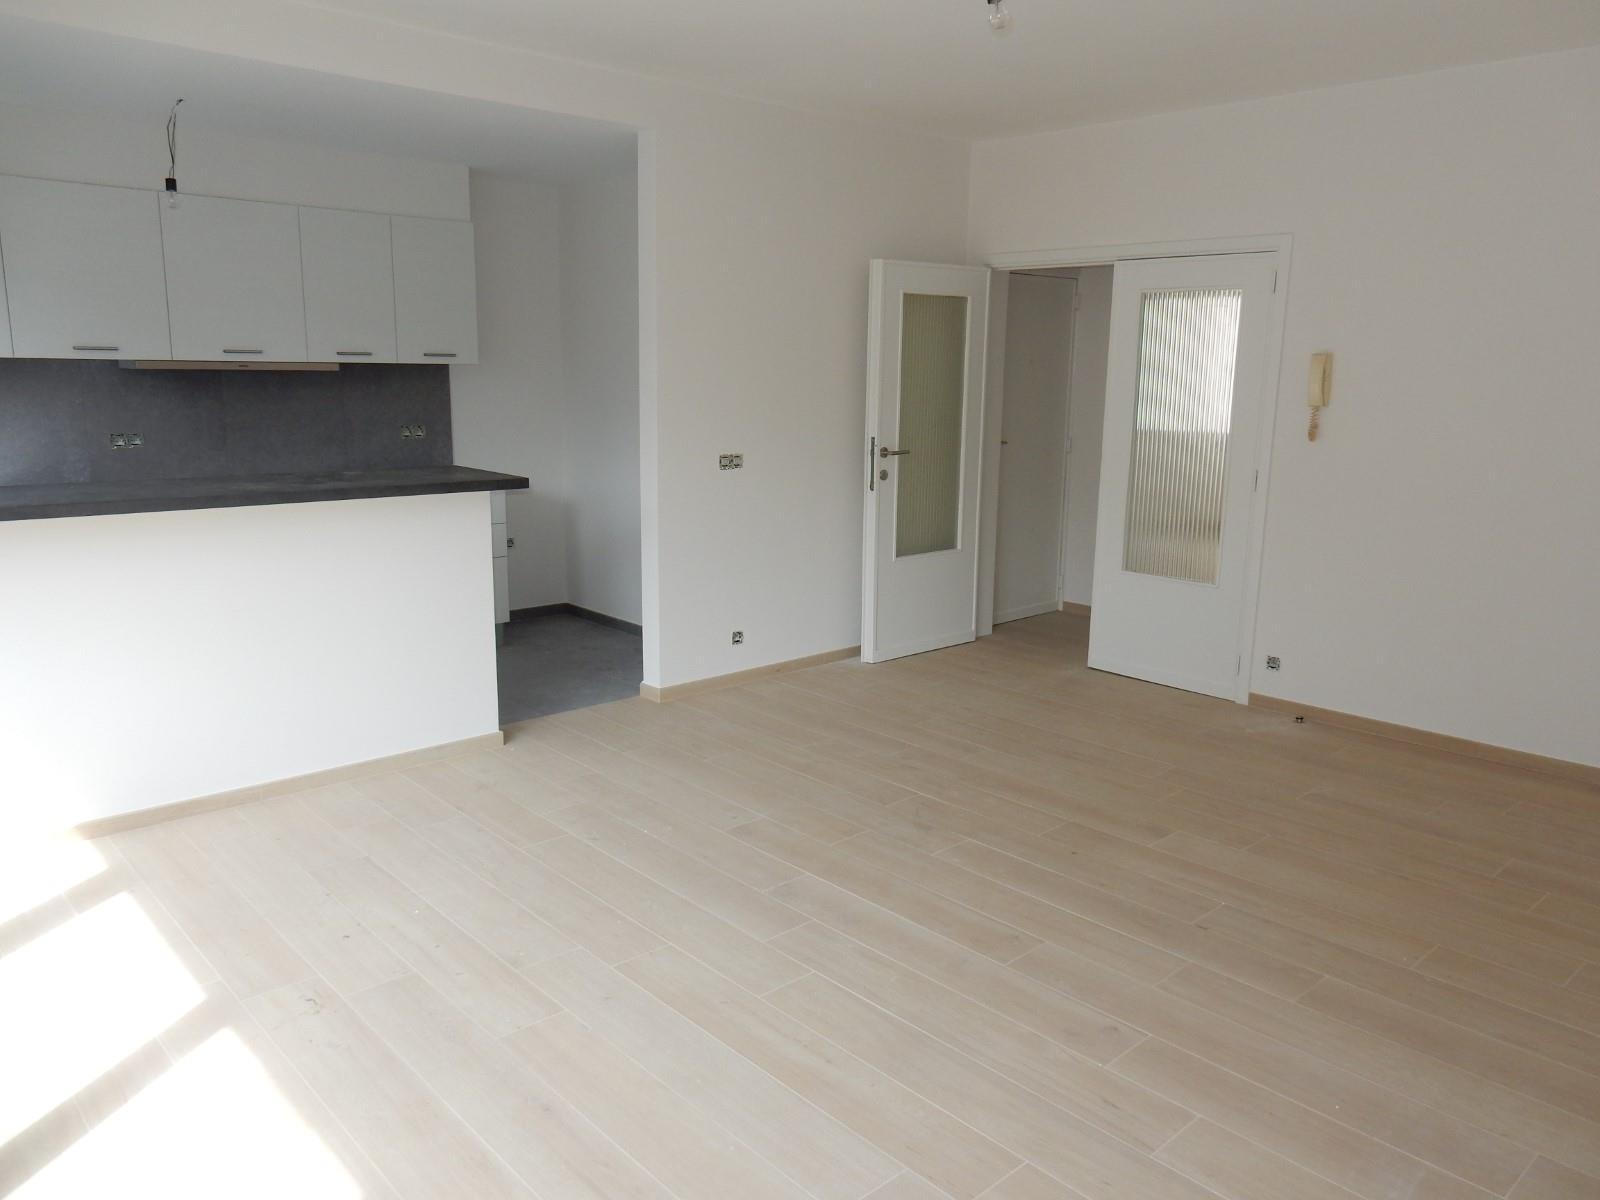 Flat - Schaerbeek - #4199444-1